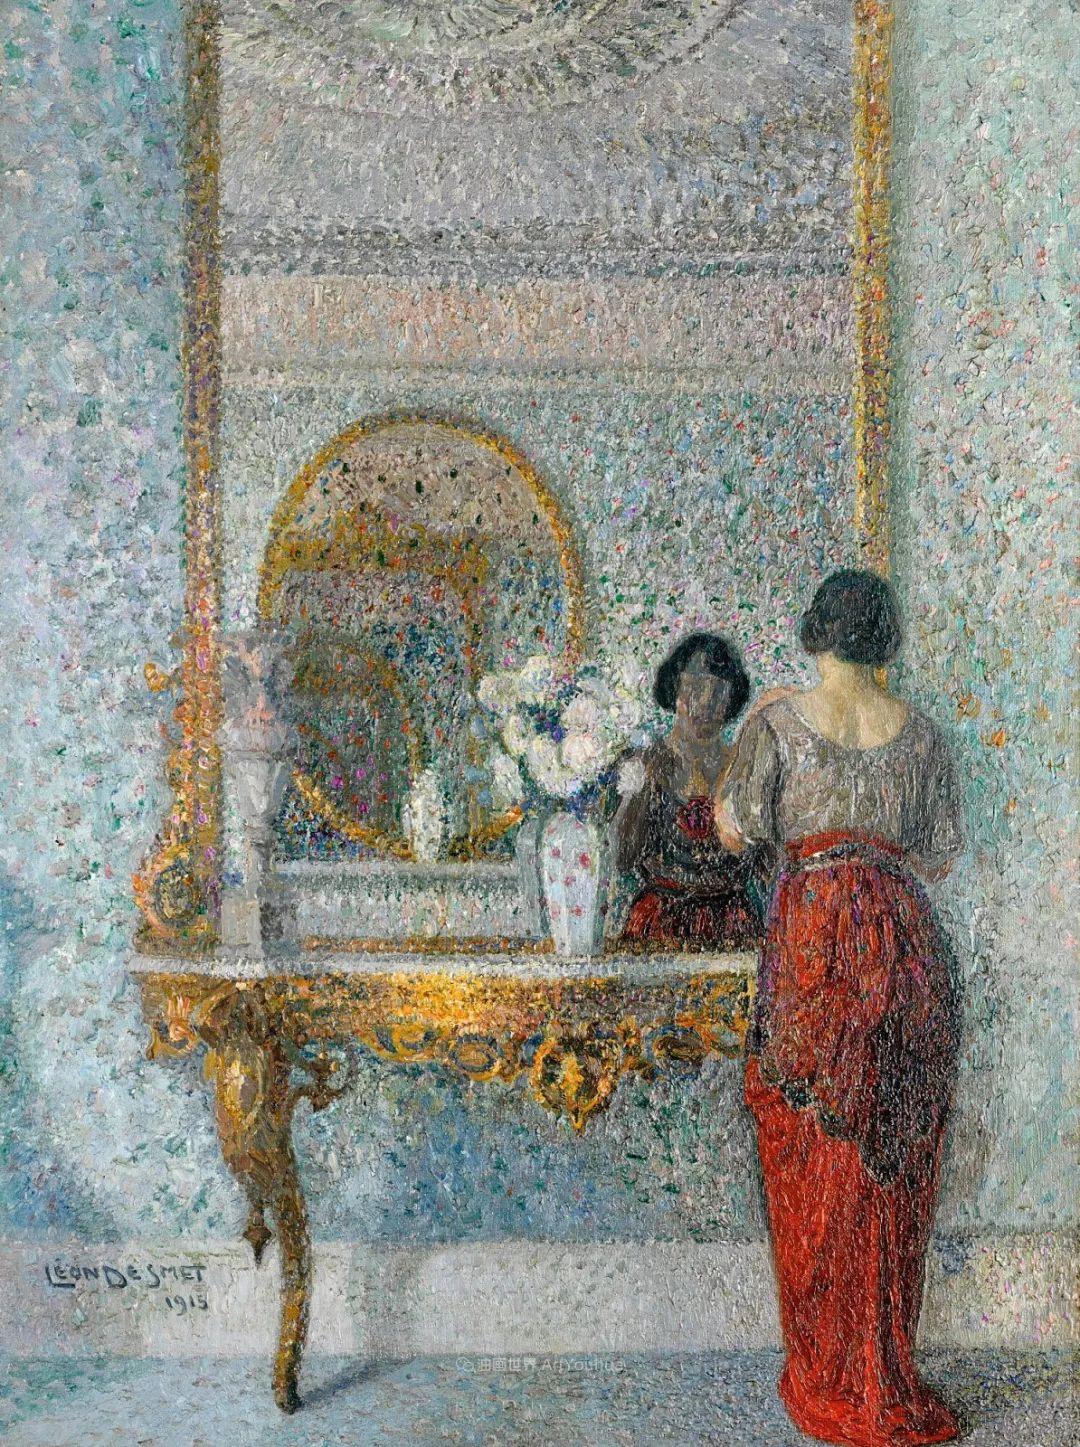 比利时画家 Léon de Smet  莱昂·德·史密特  作品欣赏插图25